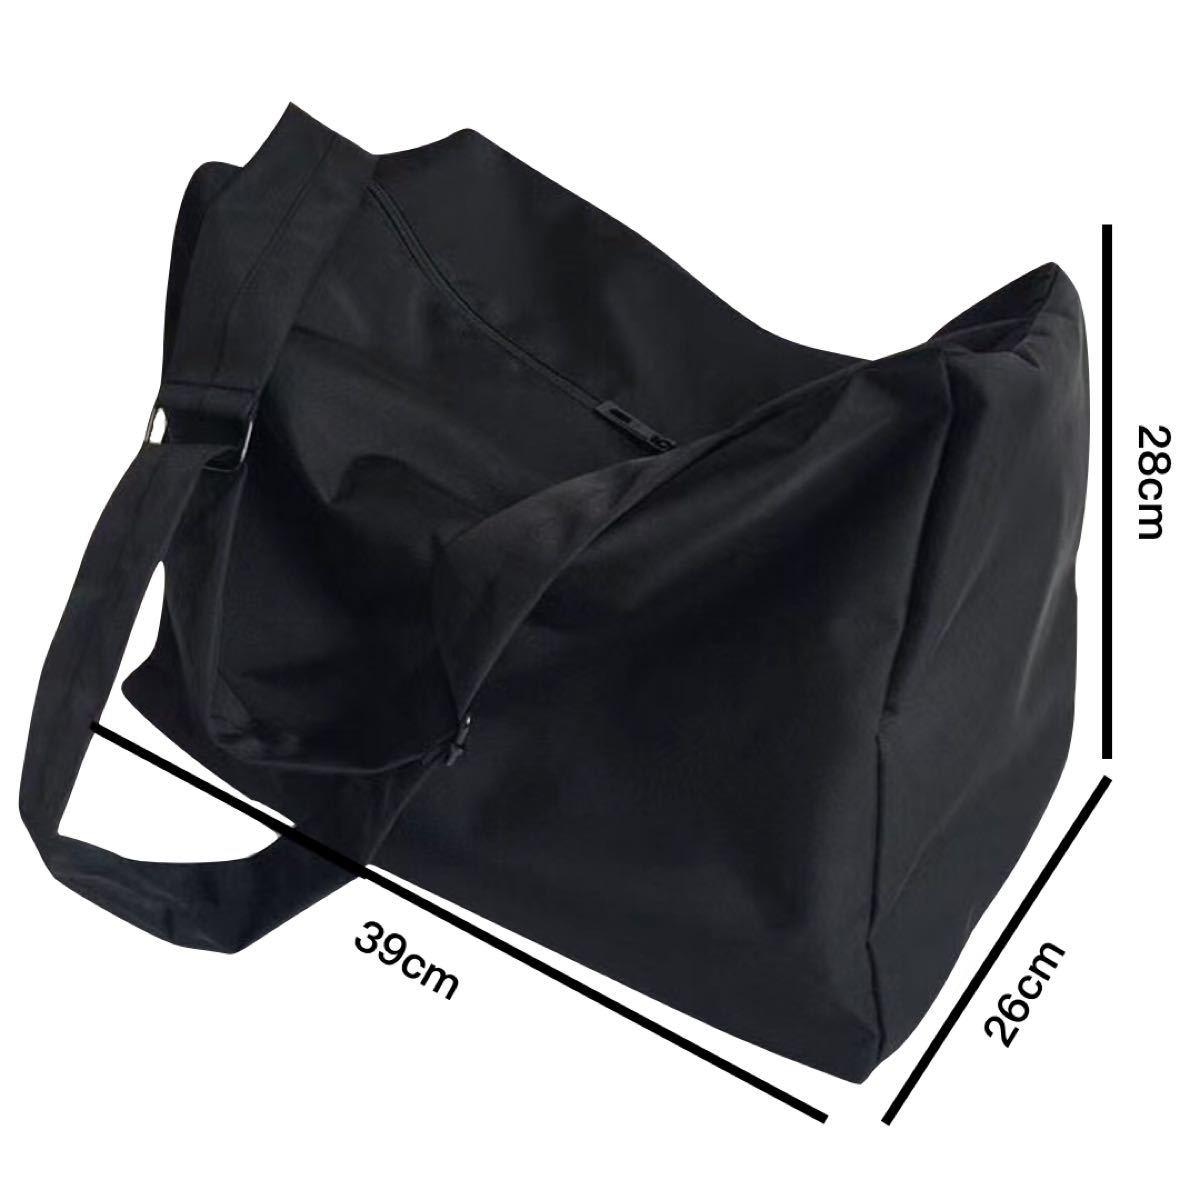 メッセンジャーバッグ ショルダーバッグ レディース 大容量 大きめ トートバッグ シンプル 無地 ショルダー エコバッグ 男女兼用